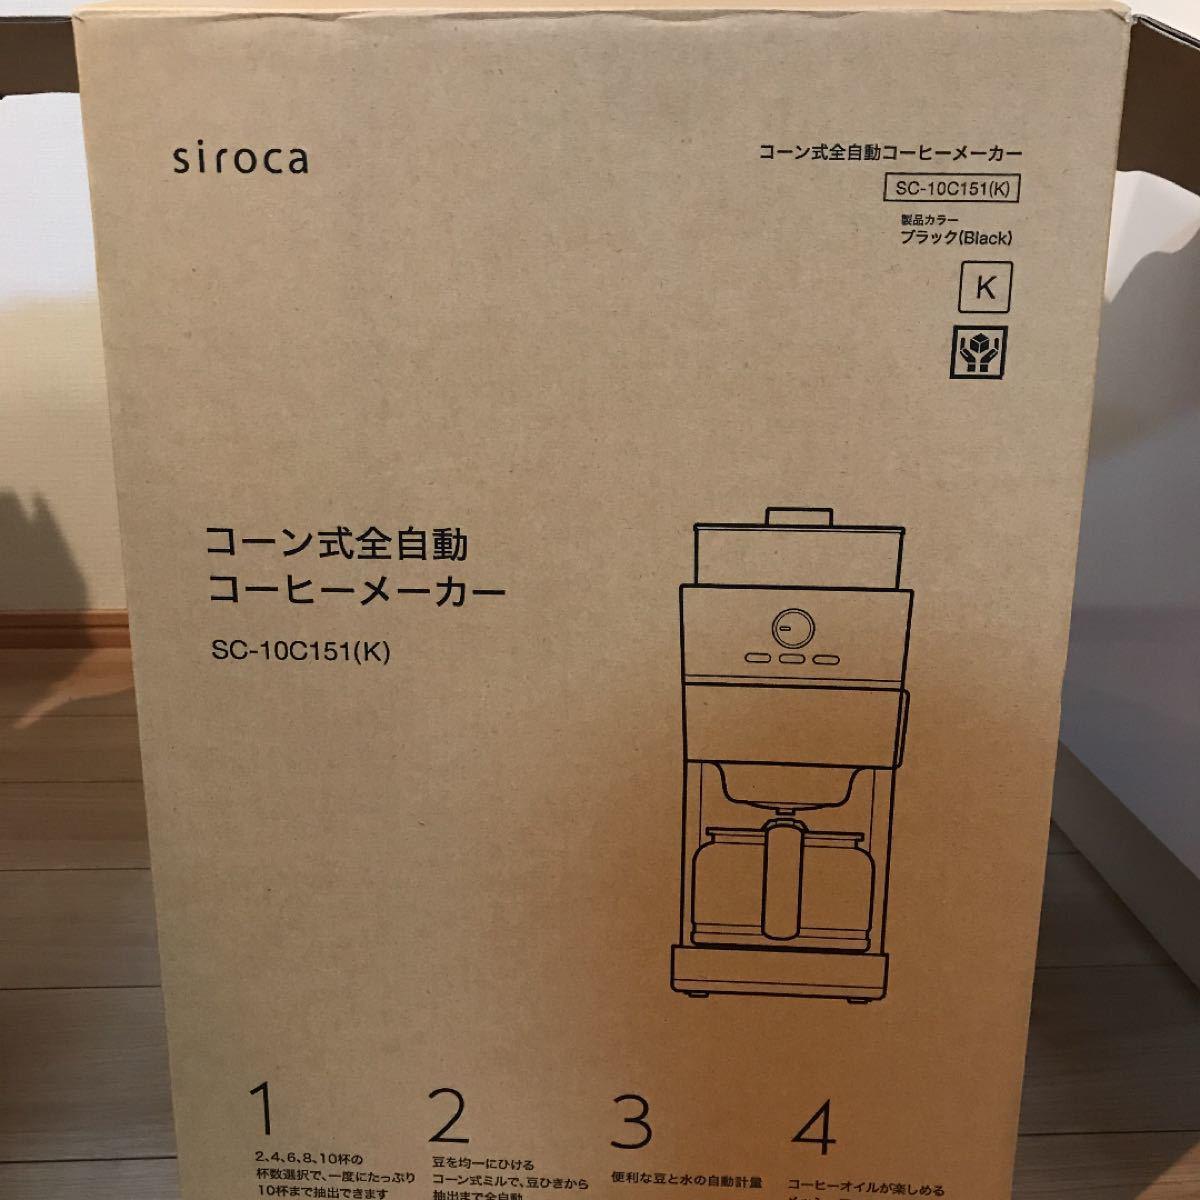 【週末値下げ】新品 シロカ コーン式全自動コーヒーメーカー SC−10C 151